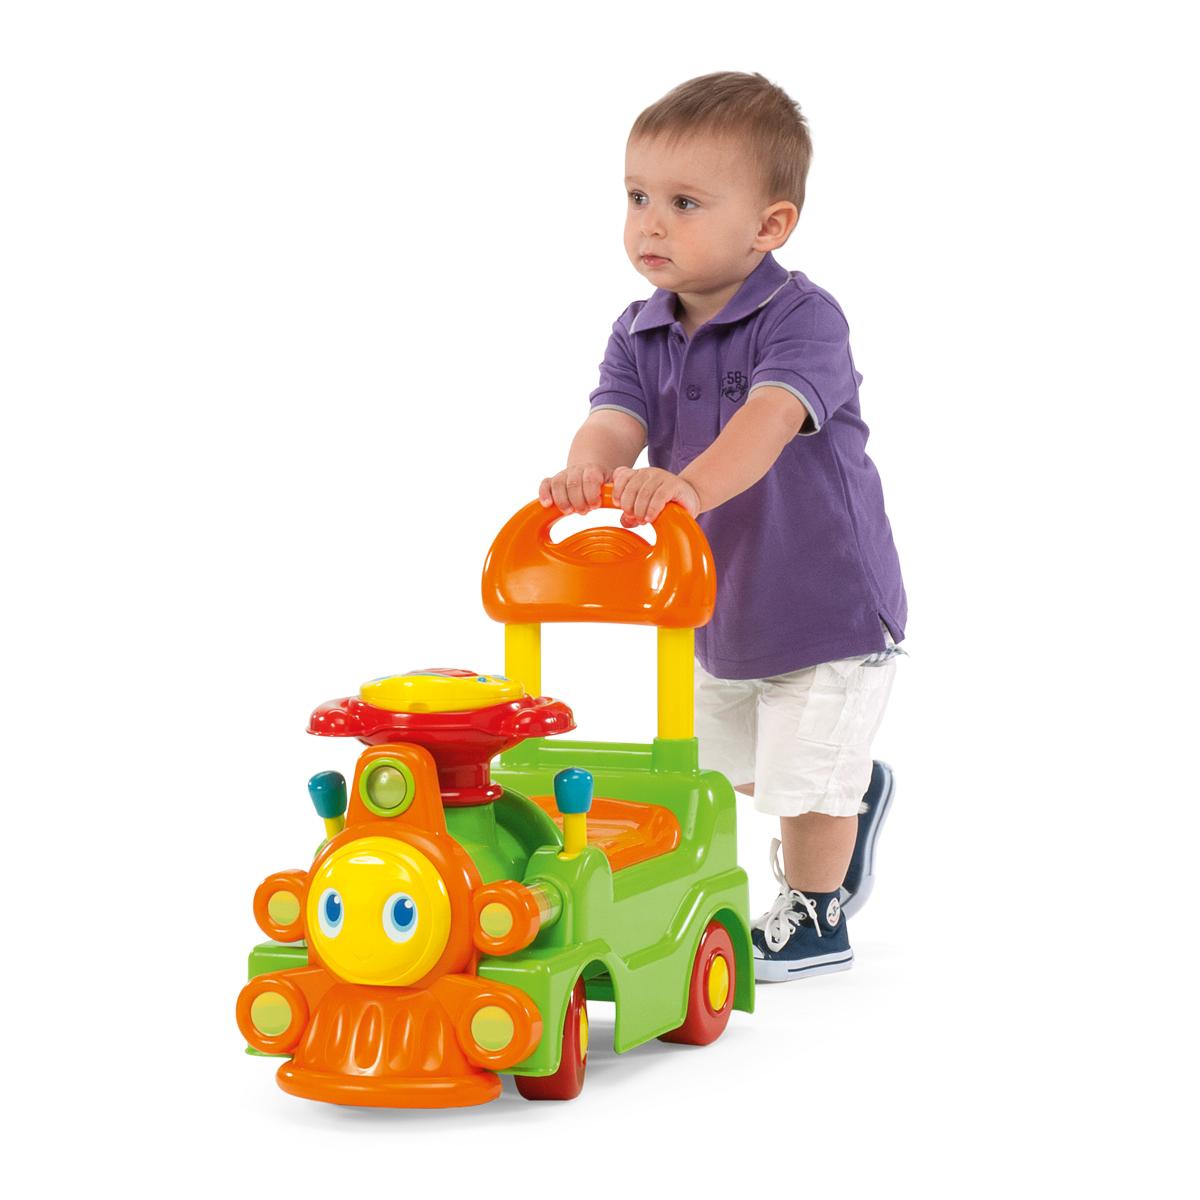 Сбор заказов. Игрушки на любой вкус и кошелек-18. Готовим подарки к Новому году! Игровые наборы, конструкторы, роботы, р/у игрушки, развивашки, погремушки и многое другое.